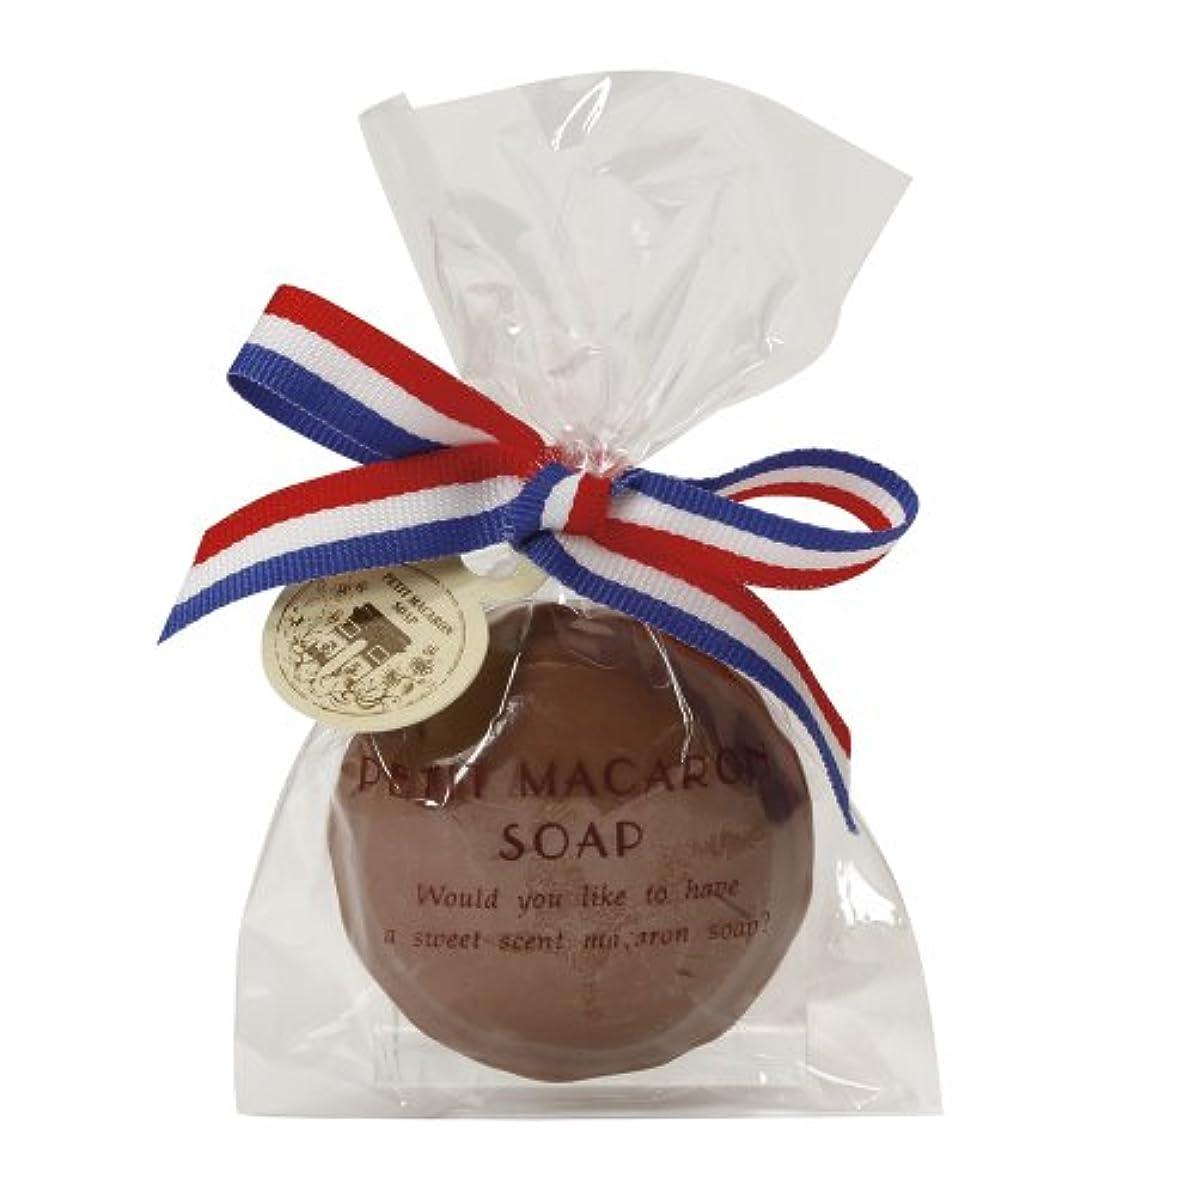 対見えないマインドプチマカロンソープ チョコレート 22g